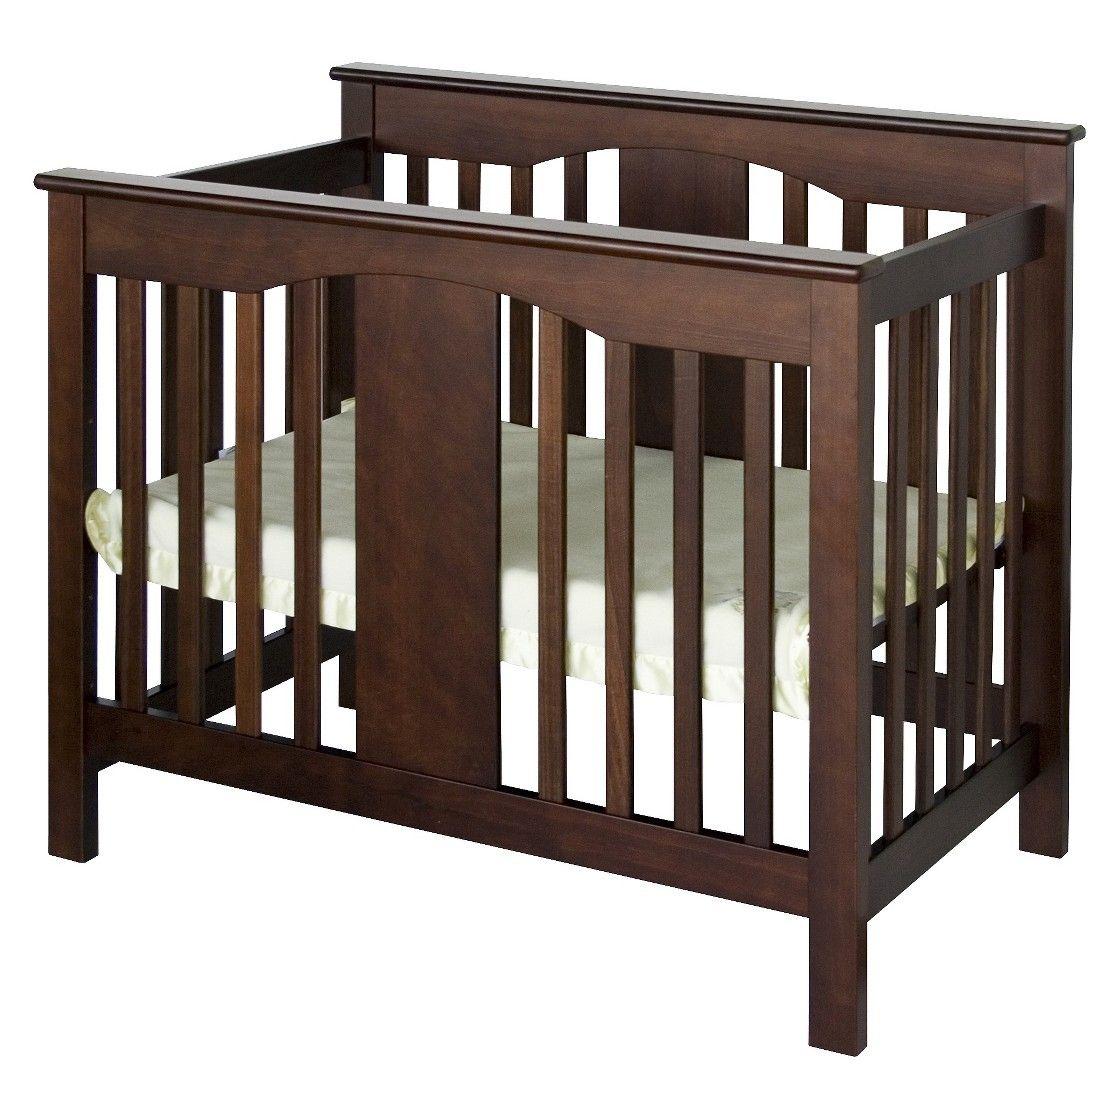 Davinci Annabelle Mini Crib Mini Crib Convertible Crib Espresso Small Baby Cribs